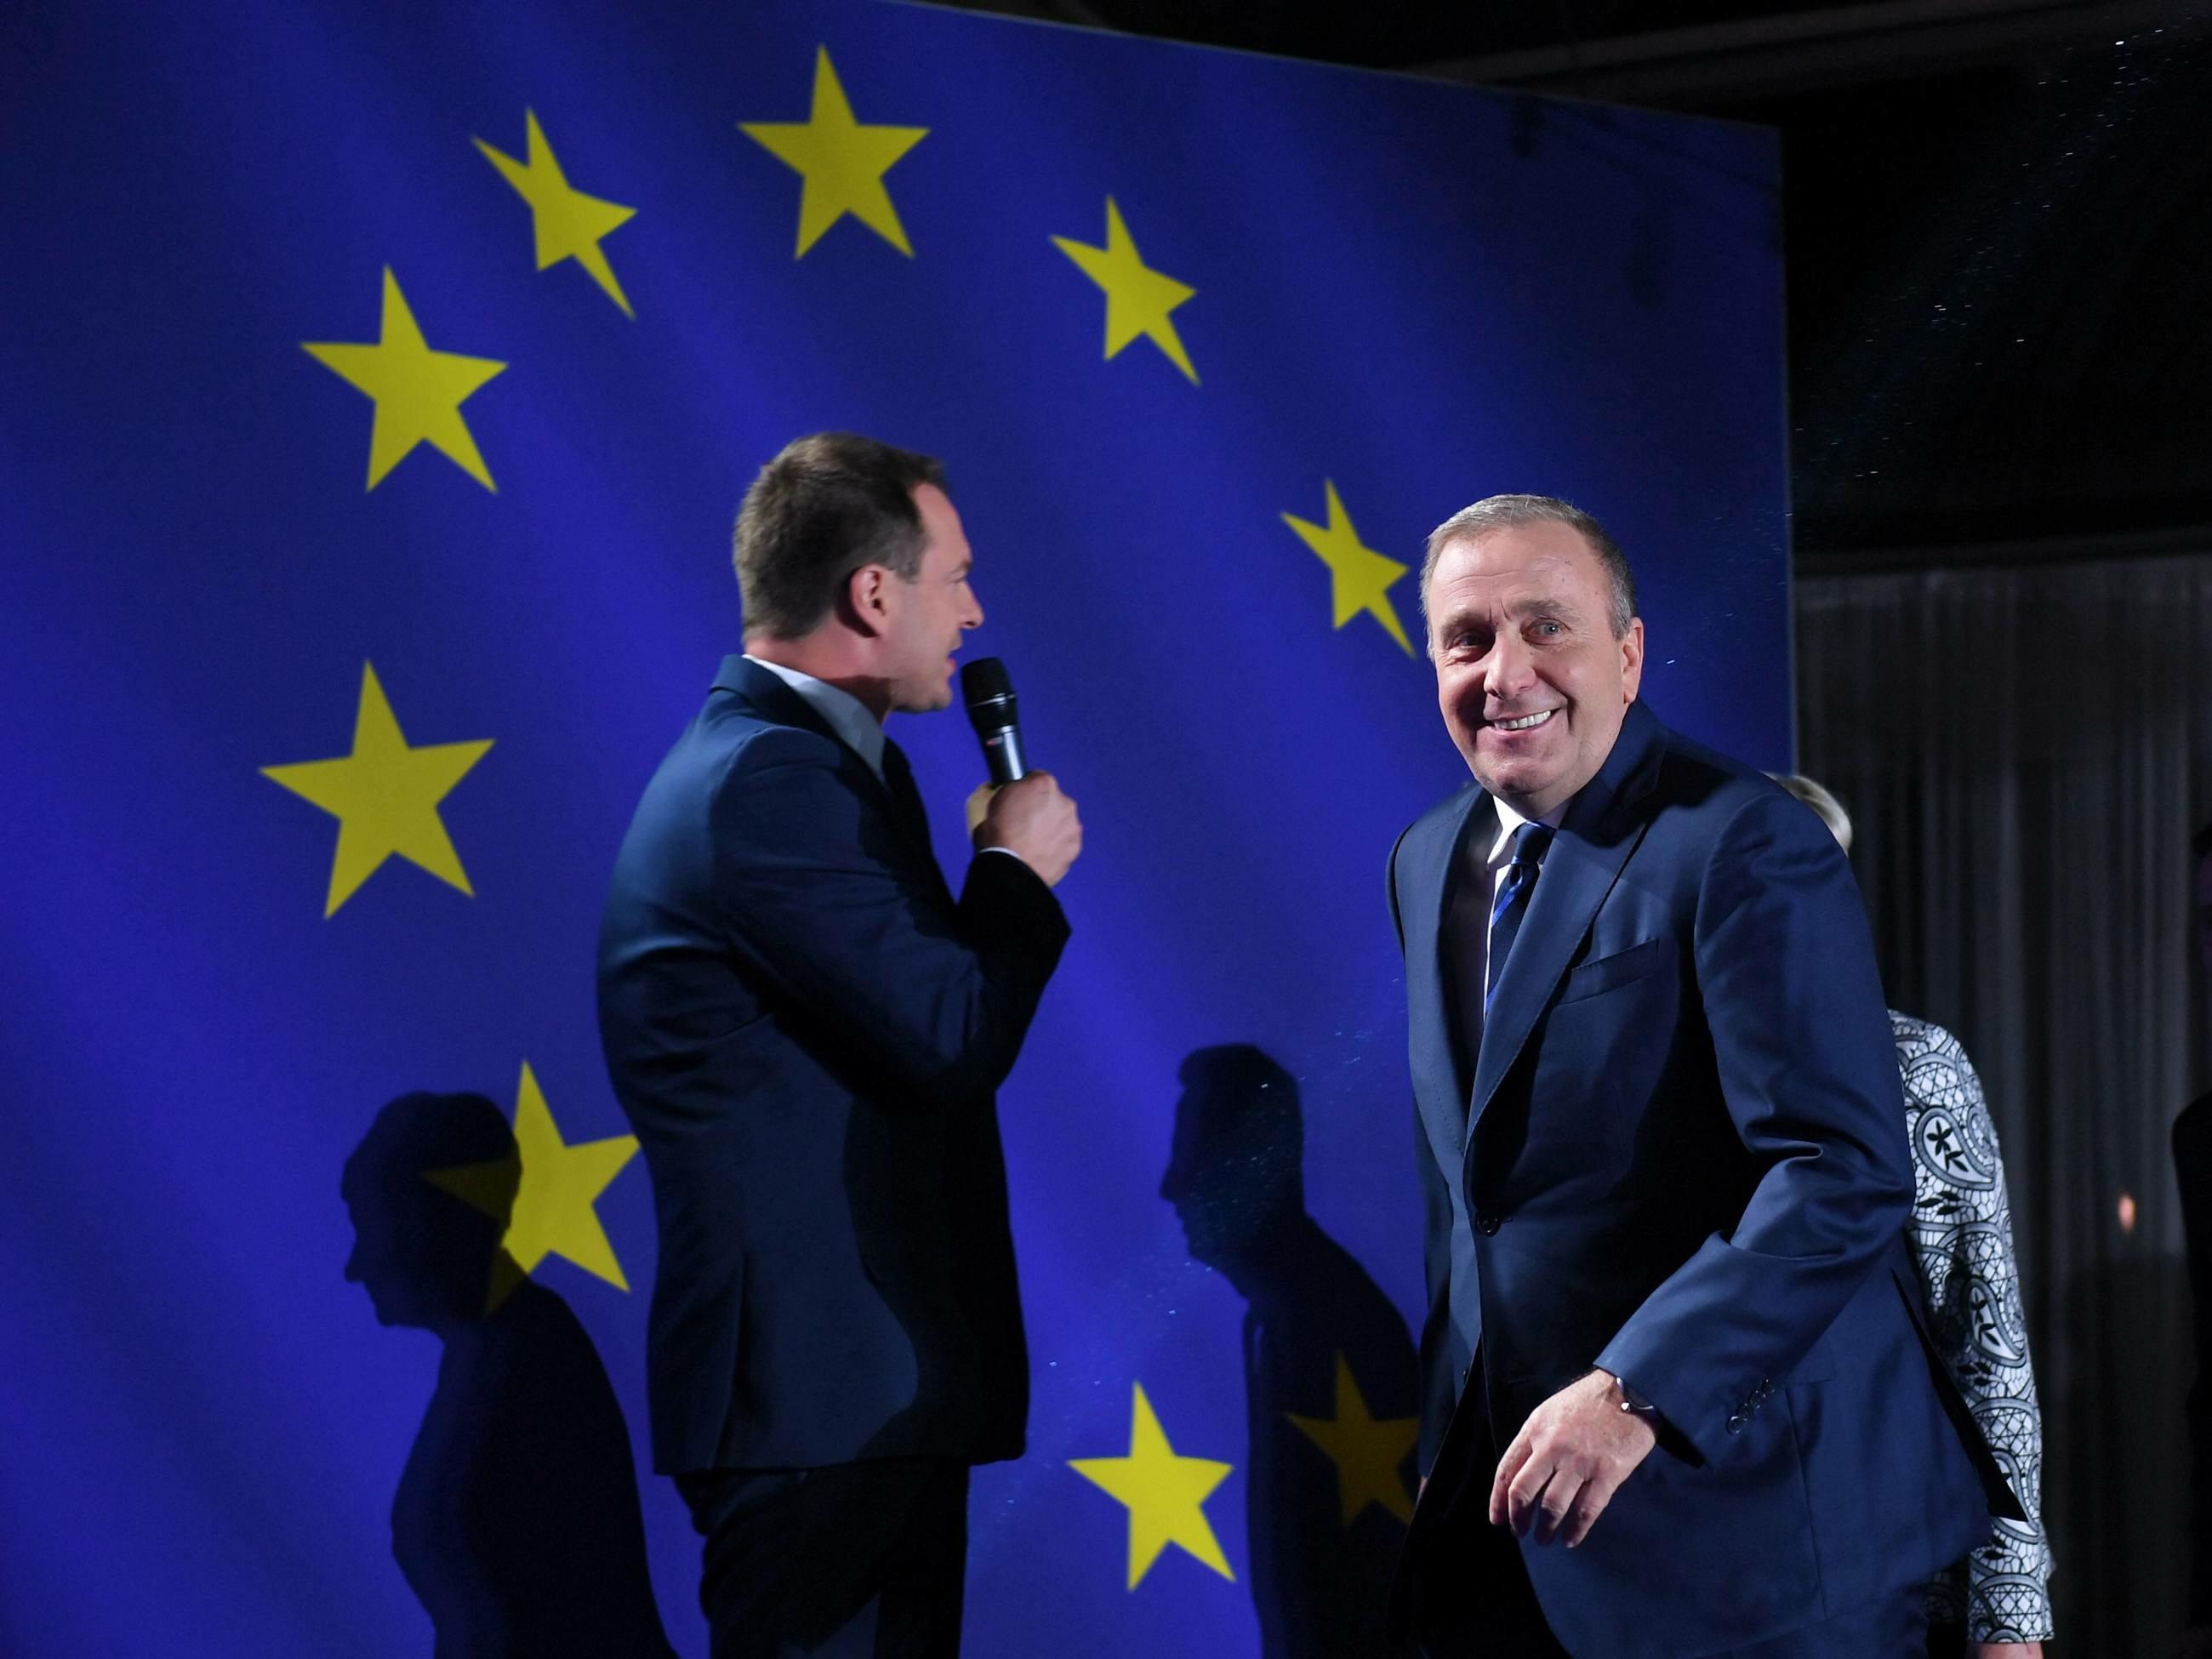 Przewodniczący PO Grzegorz Schetyna w sztabie wyborczym Koalicji Europejskiej